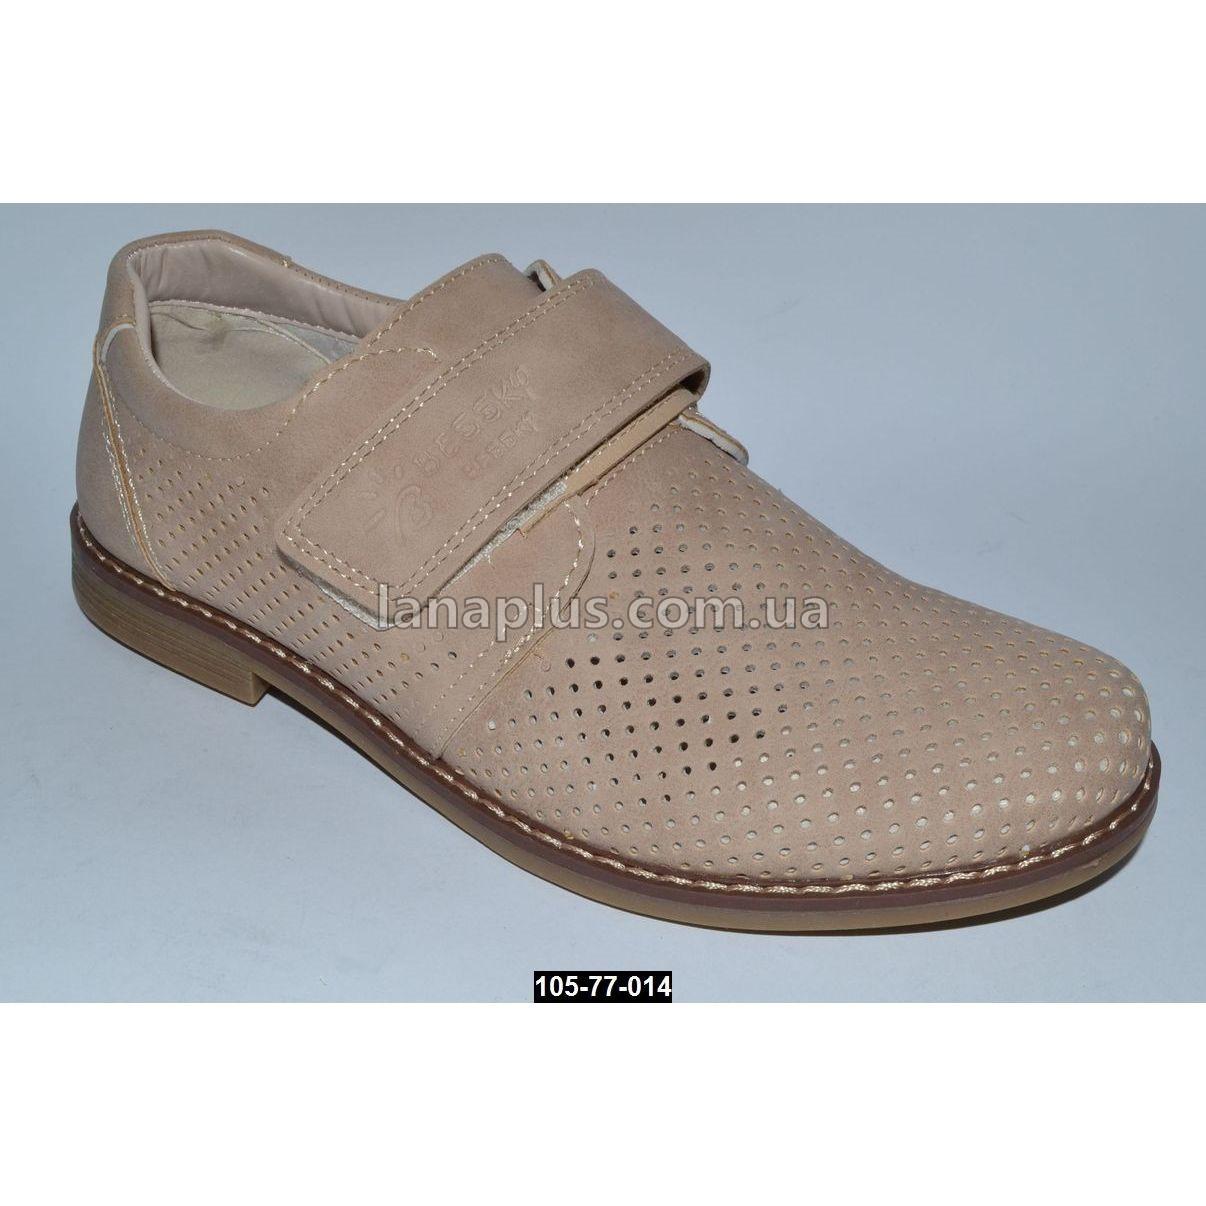 Летние туфли для мальчика, 34 размер (22.3 см), супинатор, 105-77-014